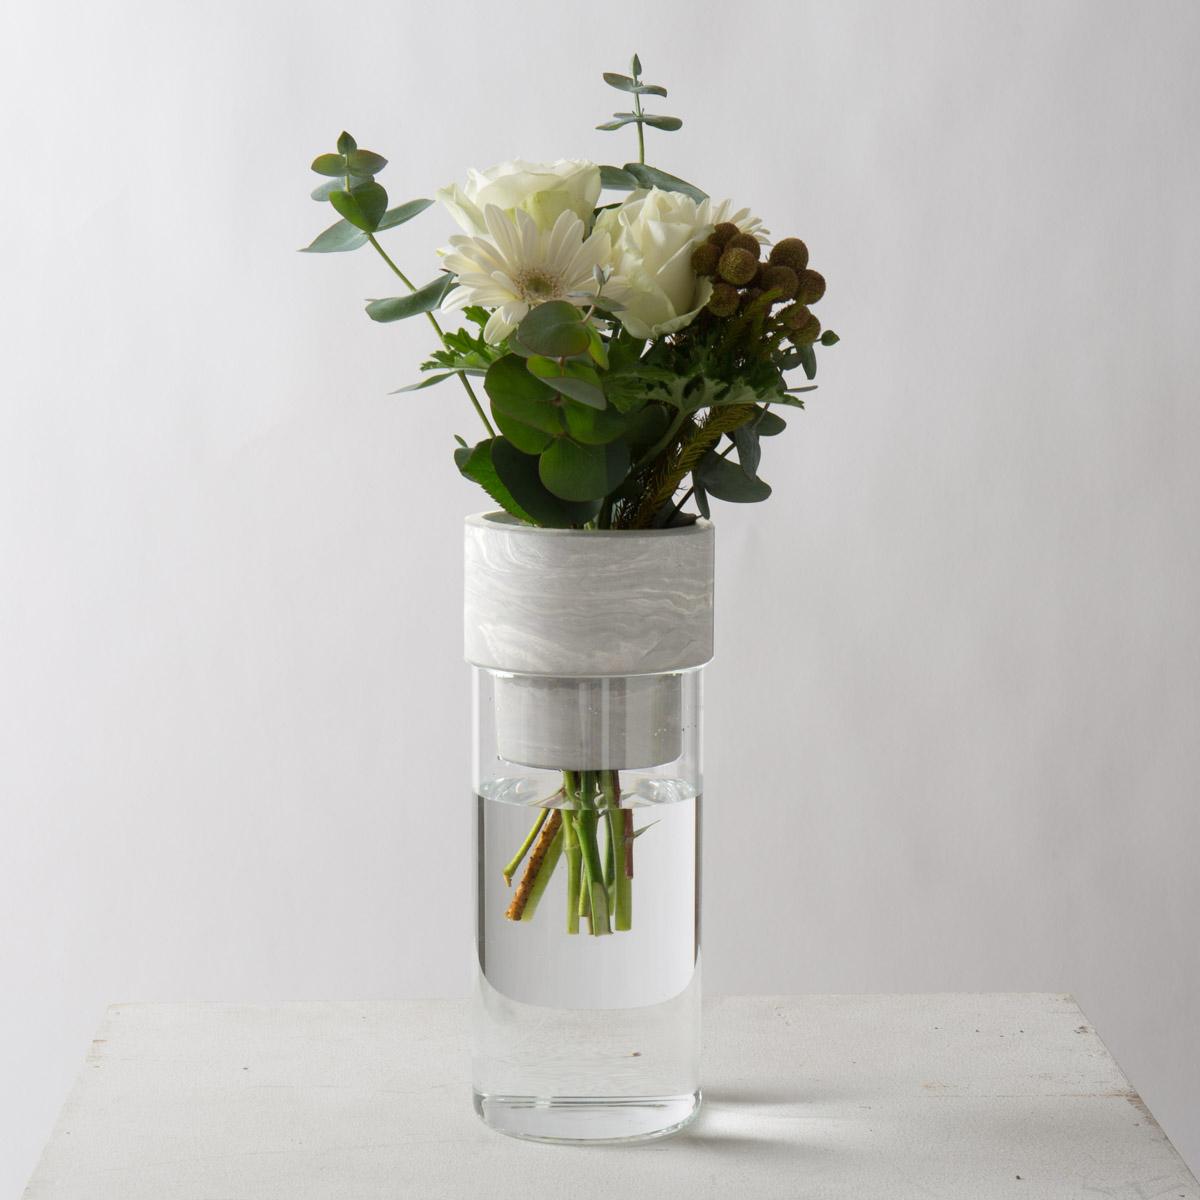 フラワーベース セメント モルタル [〈R-Noo〉TARN-M フラワーベース セメント&グラス-M(ホワイト)] サラサデザインストア